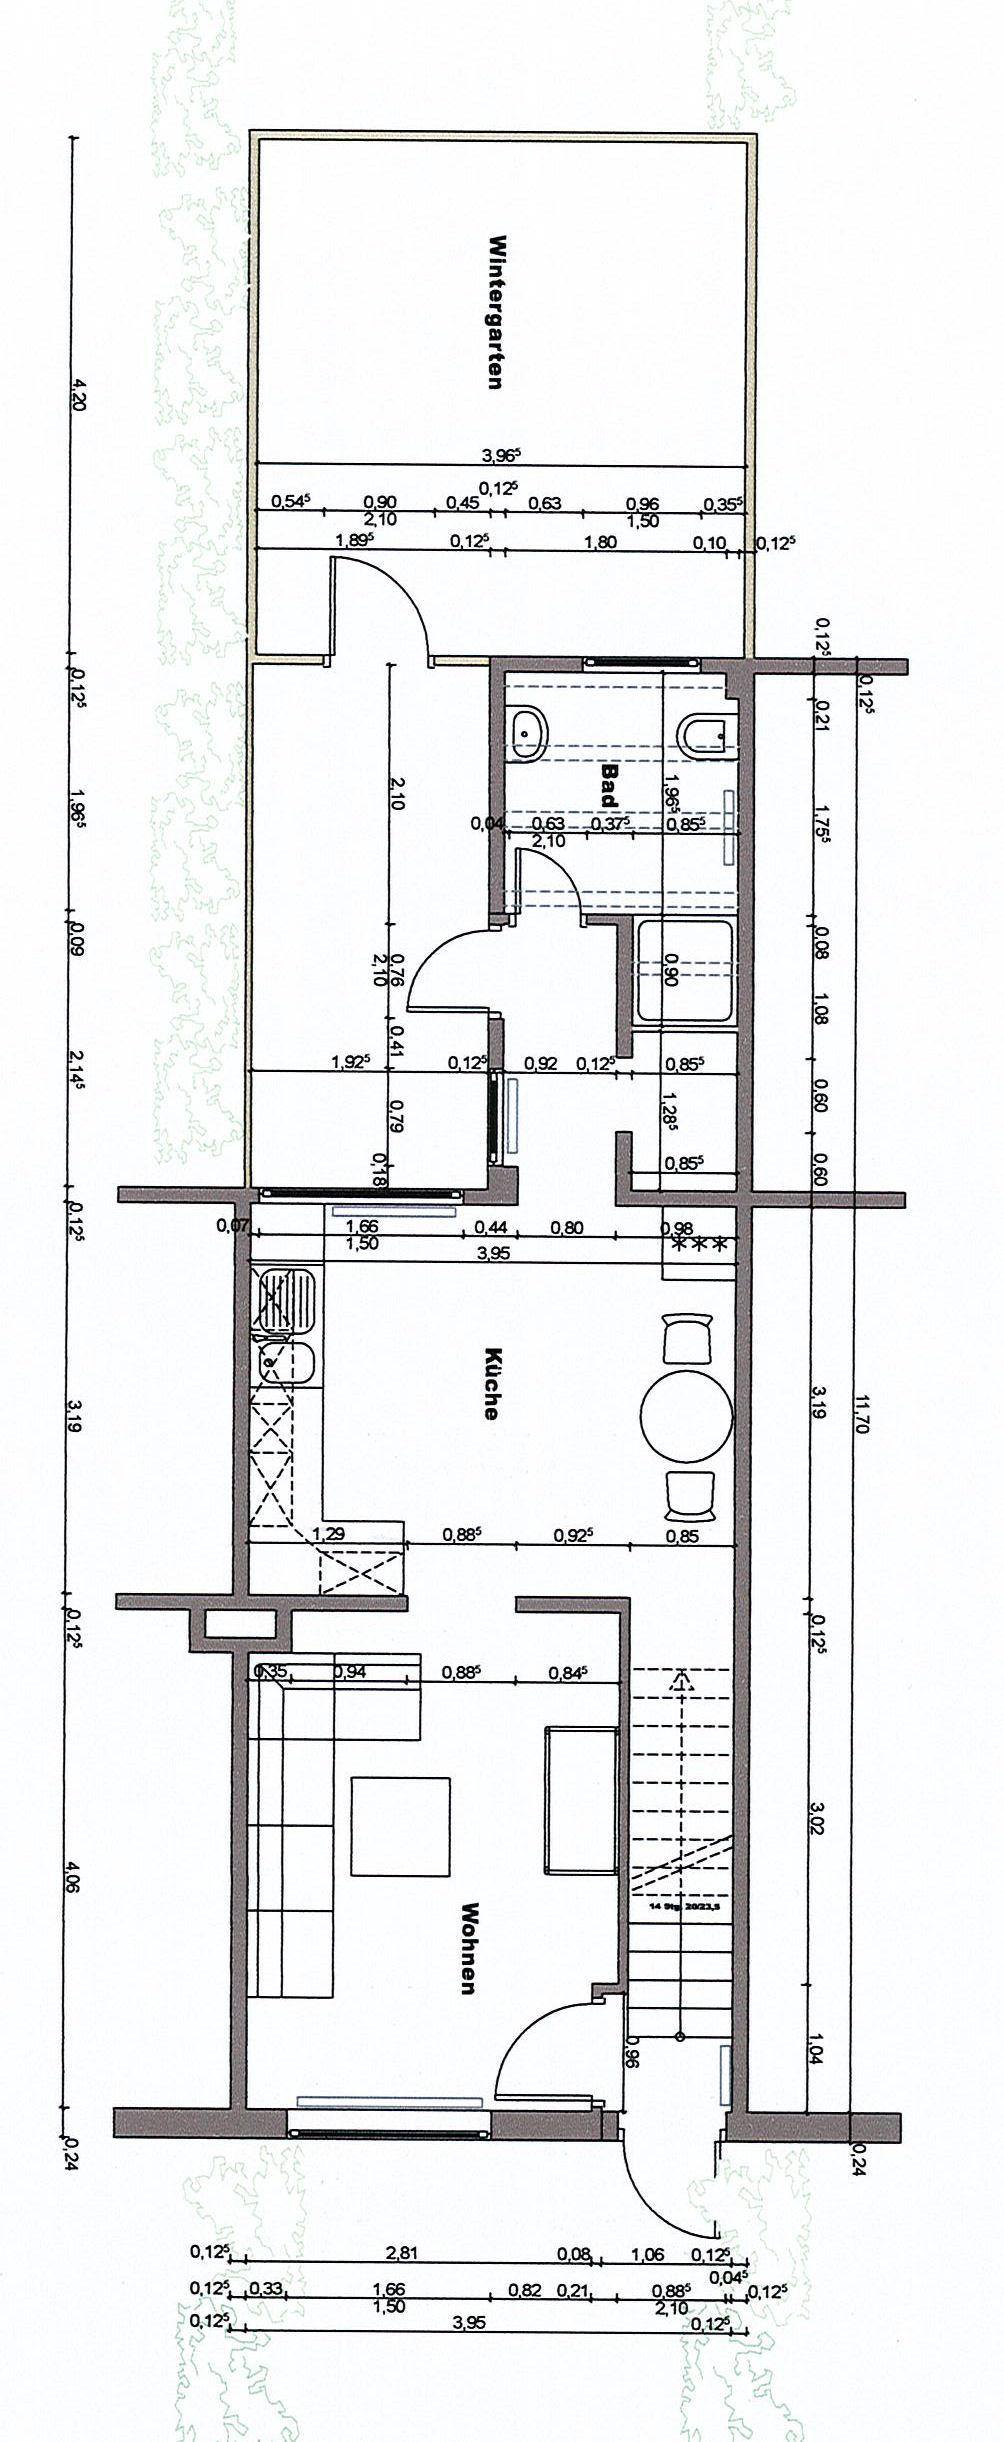 Reihenhaus grundriss modern reihenhaus grundriss modern for Grundriss reihenhaus modern